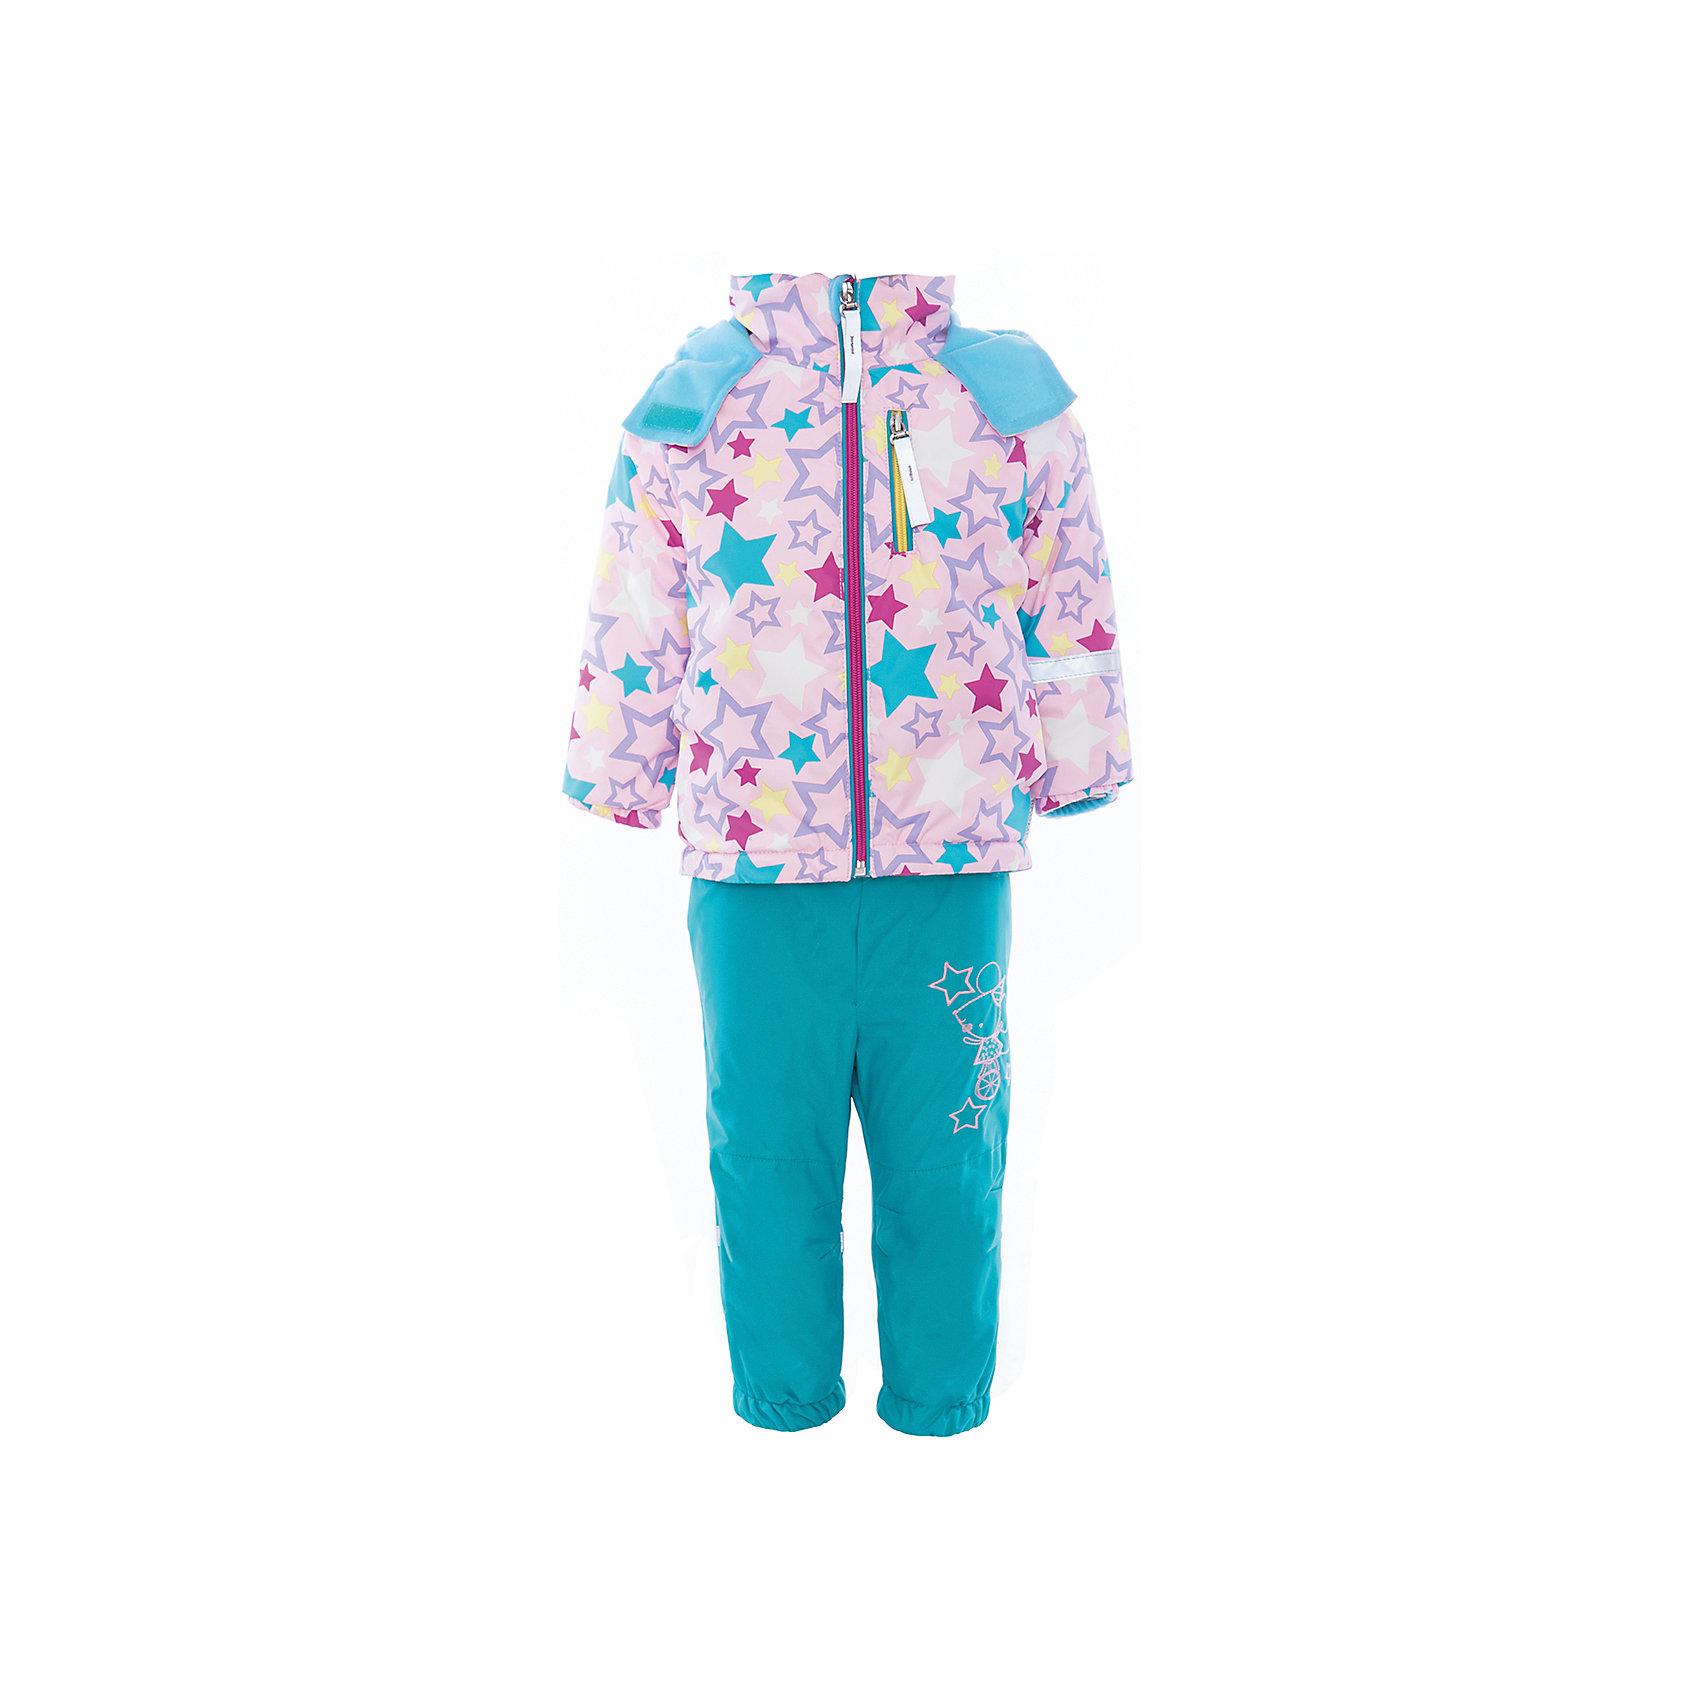 Комплект для девочки BOOM by OrbyВерхняя одежда<br>Характеристики товара:<br><br>• цвет: розовый/бирюзовый<br>• состав: <br>курточка: верх - нейлон с мембранным покрытием 3000*3000, подкладка - поларфлис, полиэстер, утеплитель: FiberSoft 100 г/м2<br>брюки: верх - нейлон с мембранным покрытием 3000*3000, подкладка - поларфлис<br>• комплектация: куртка, брюки<br>• температурный режим: от -5 С° до +10 С° <br>• эластичные регулируемые подтяжки<br>• застежка - молния<br>• куртка декорирована принтом<br>• капюшон<br>• силиконовые штрипки<br>• комфортная посадка<br>• страна производства: Российская Федерация<br>• страна бренда: Российская Федерация<br>• коллекция: весна-лето 2017<br><br>Такой комплект - универсальный вариант для межсезонья с постоянно меняющейся погодой. Эта модель - модная и удобная одновременно! Изделие отличается стильным ярким дизайном. Куртка и брюки хорошо сидят по фигуре, отлично сочетается с различной обувью. Модель была разработана специально для детей.<br><br>Одежда от российского бренда BOOM by Orby уже завоевала популярностью у многих детей и их родителей. Вещи, выпускаемые компанией, качественные, продуманные и очень удобные. Для производства коллекций используются только безопасные для детей материалы. Спешите приобрести модели из новой коллекции Весна-лето 2017! <br><br>Комплект для девочки от бренда BOOM by Orby можно купить в нашем интернет-магазине.<br><br>Ширина мм: 356<br>Глубина мм: 10<br>Высота мм: 245<br>Вес г: 519<br>Цвет: голубой<br>Возраст от месяцев: 36<br>Возраст до месяцев: 48<br>Пол: Женский<br>Возраст: Детский<br>Размер: 104,92,98,110,116,122,80,86<br>SKU: 5342796